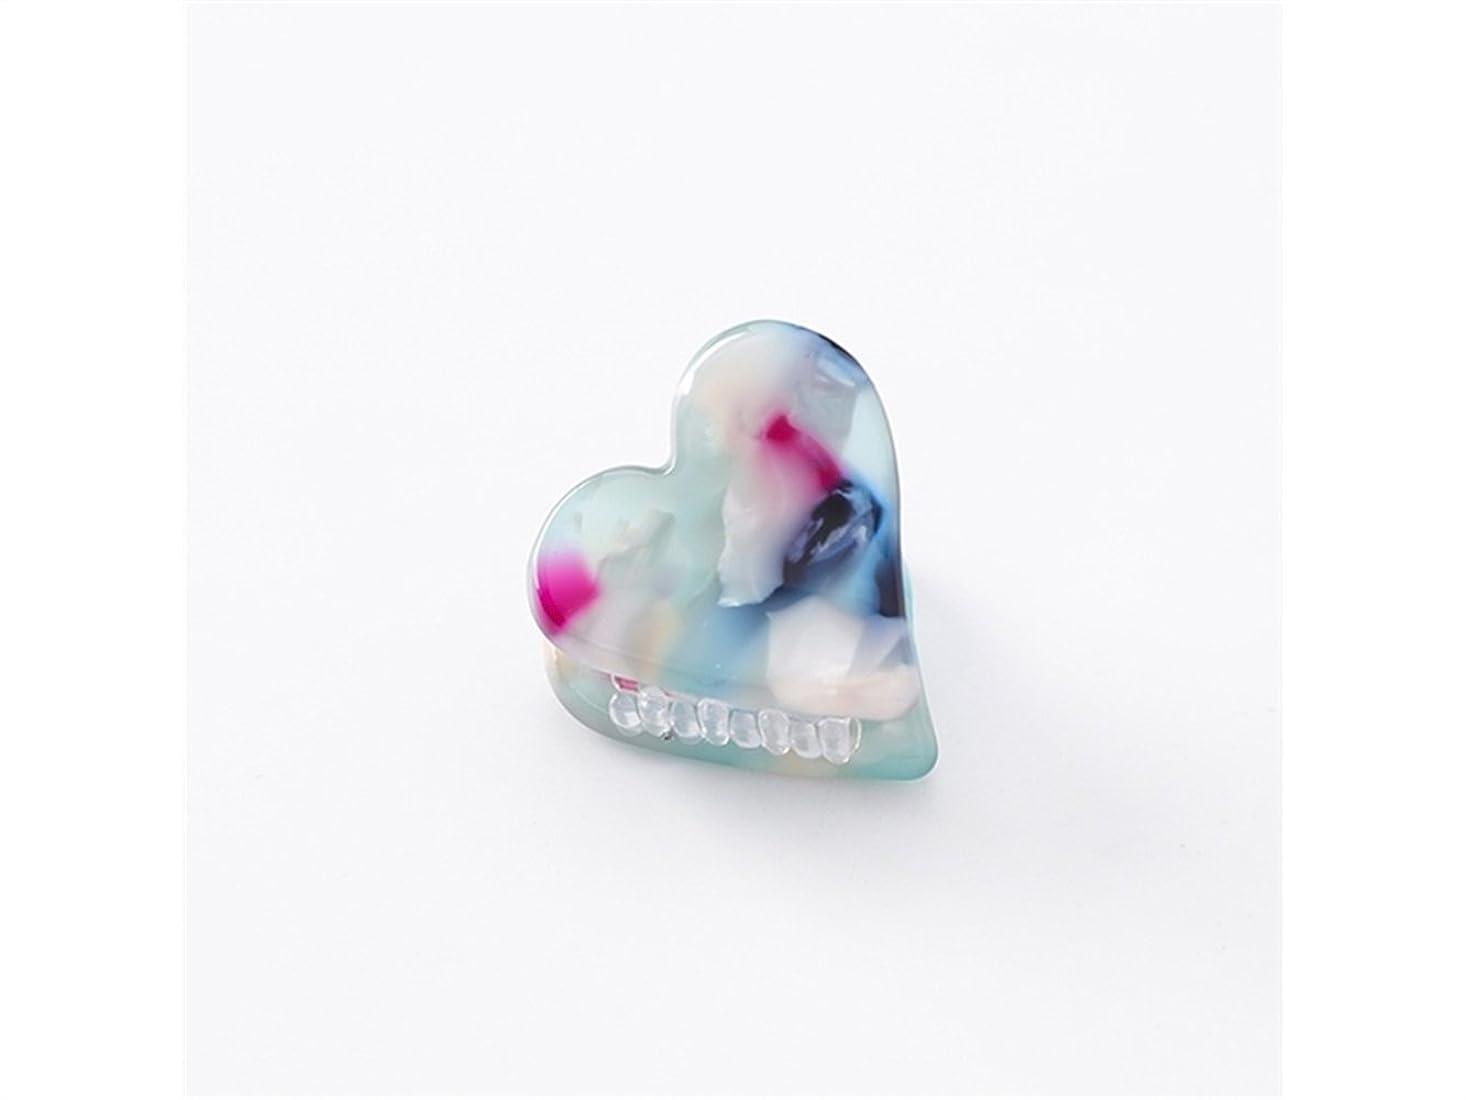 ペフはがきランドマークOsize 美しいスタイル ラブハート型の紋章印刷ミニ爪クリップミニ顎クリップ(パープル+ブルー)